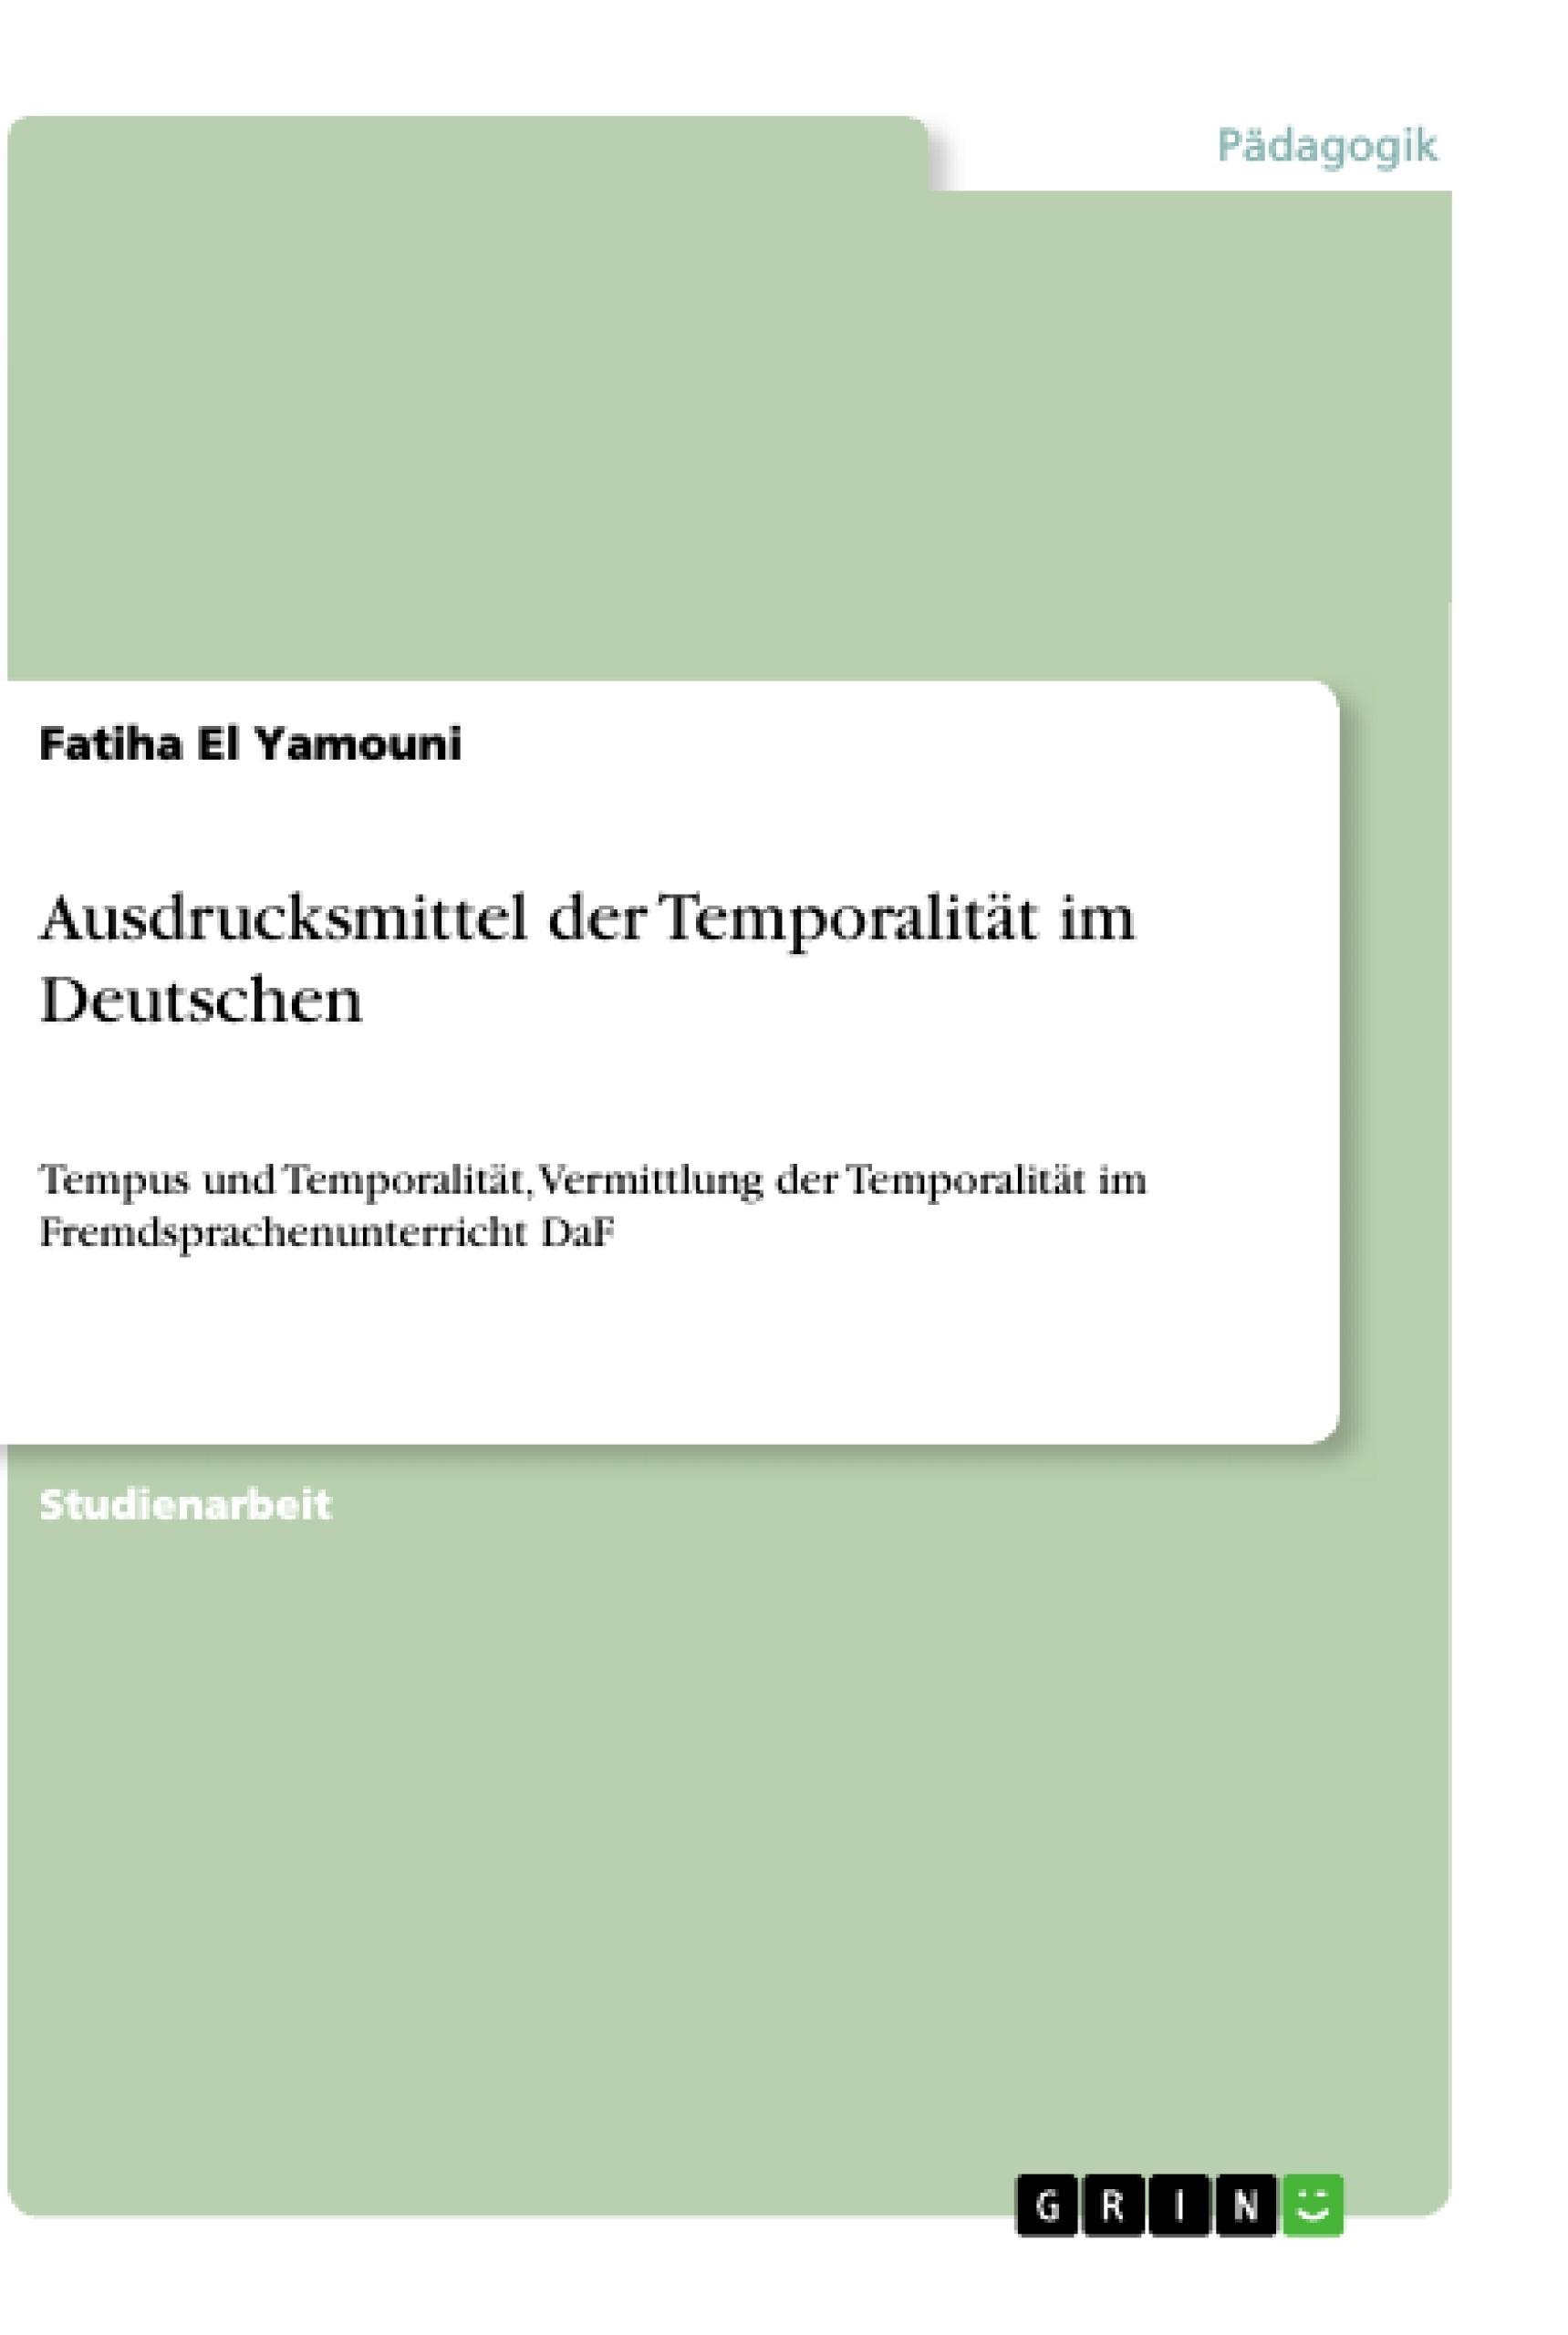 Titel: Ausdrucksmittel der Temporalität im Deutschen